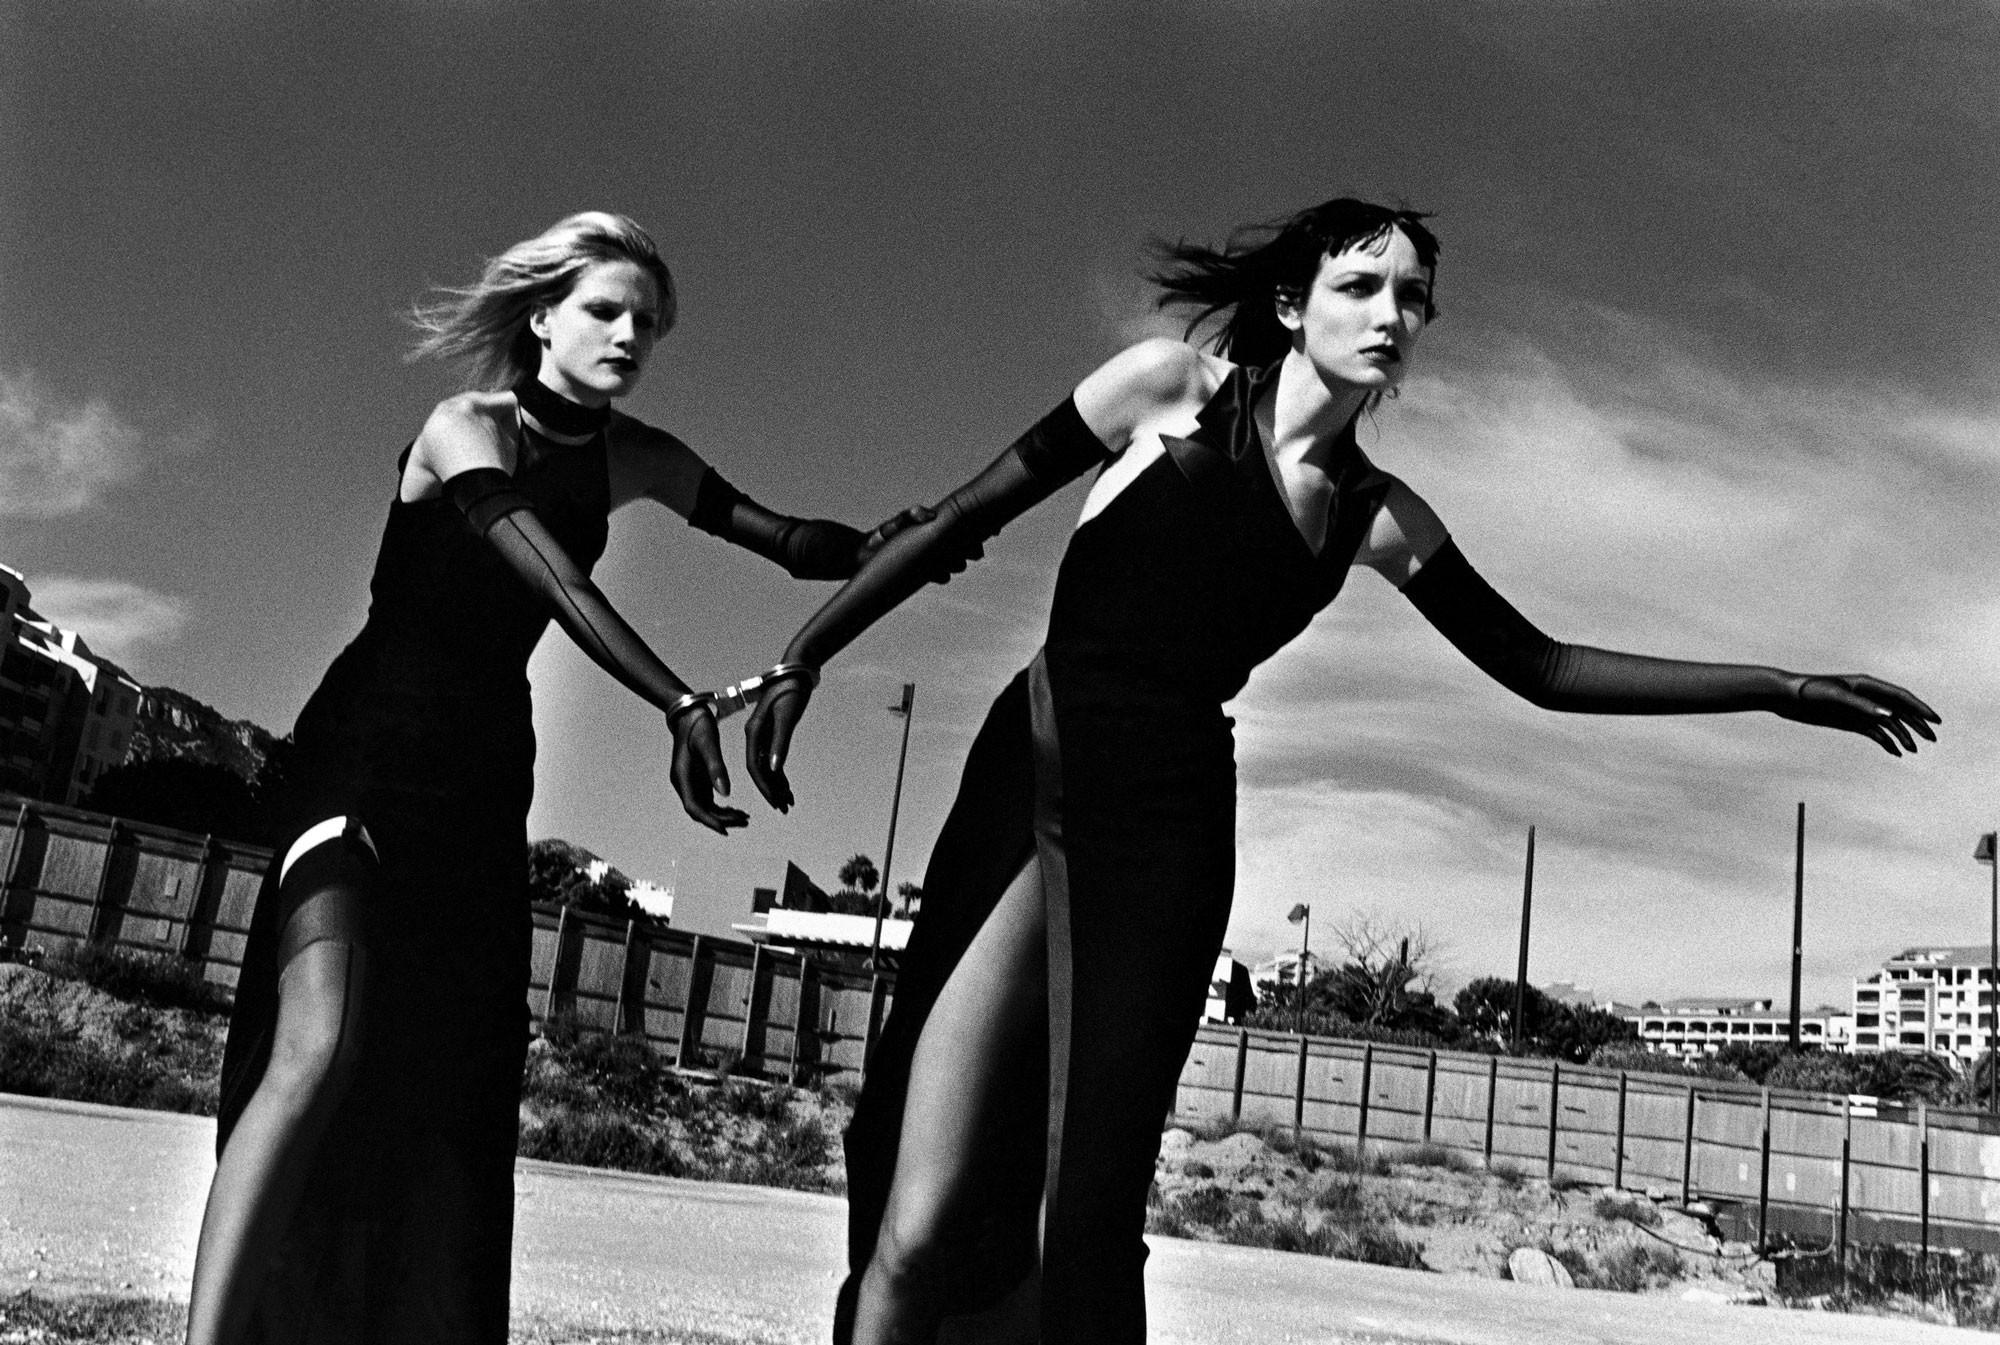 Съёмка для модельера Тьерри Мюглера, Монако, 1998. Фотограф Хельмут Ньютон